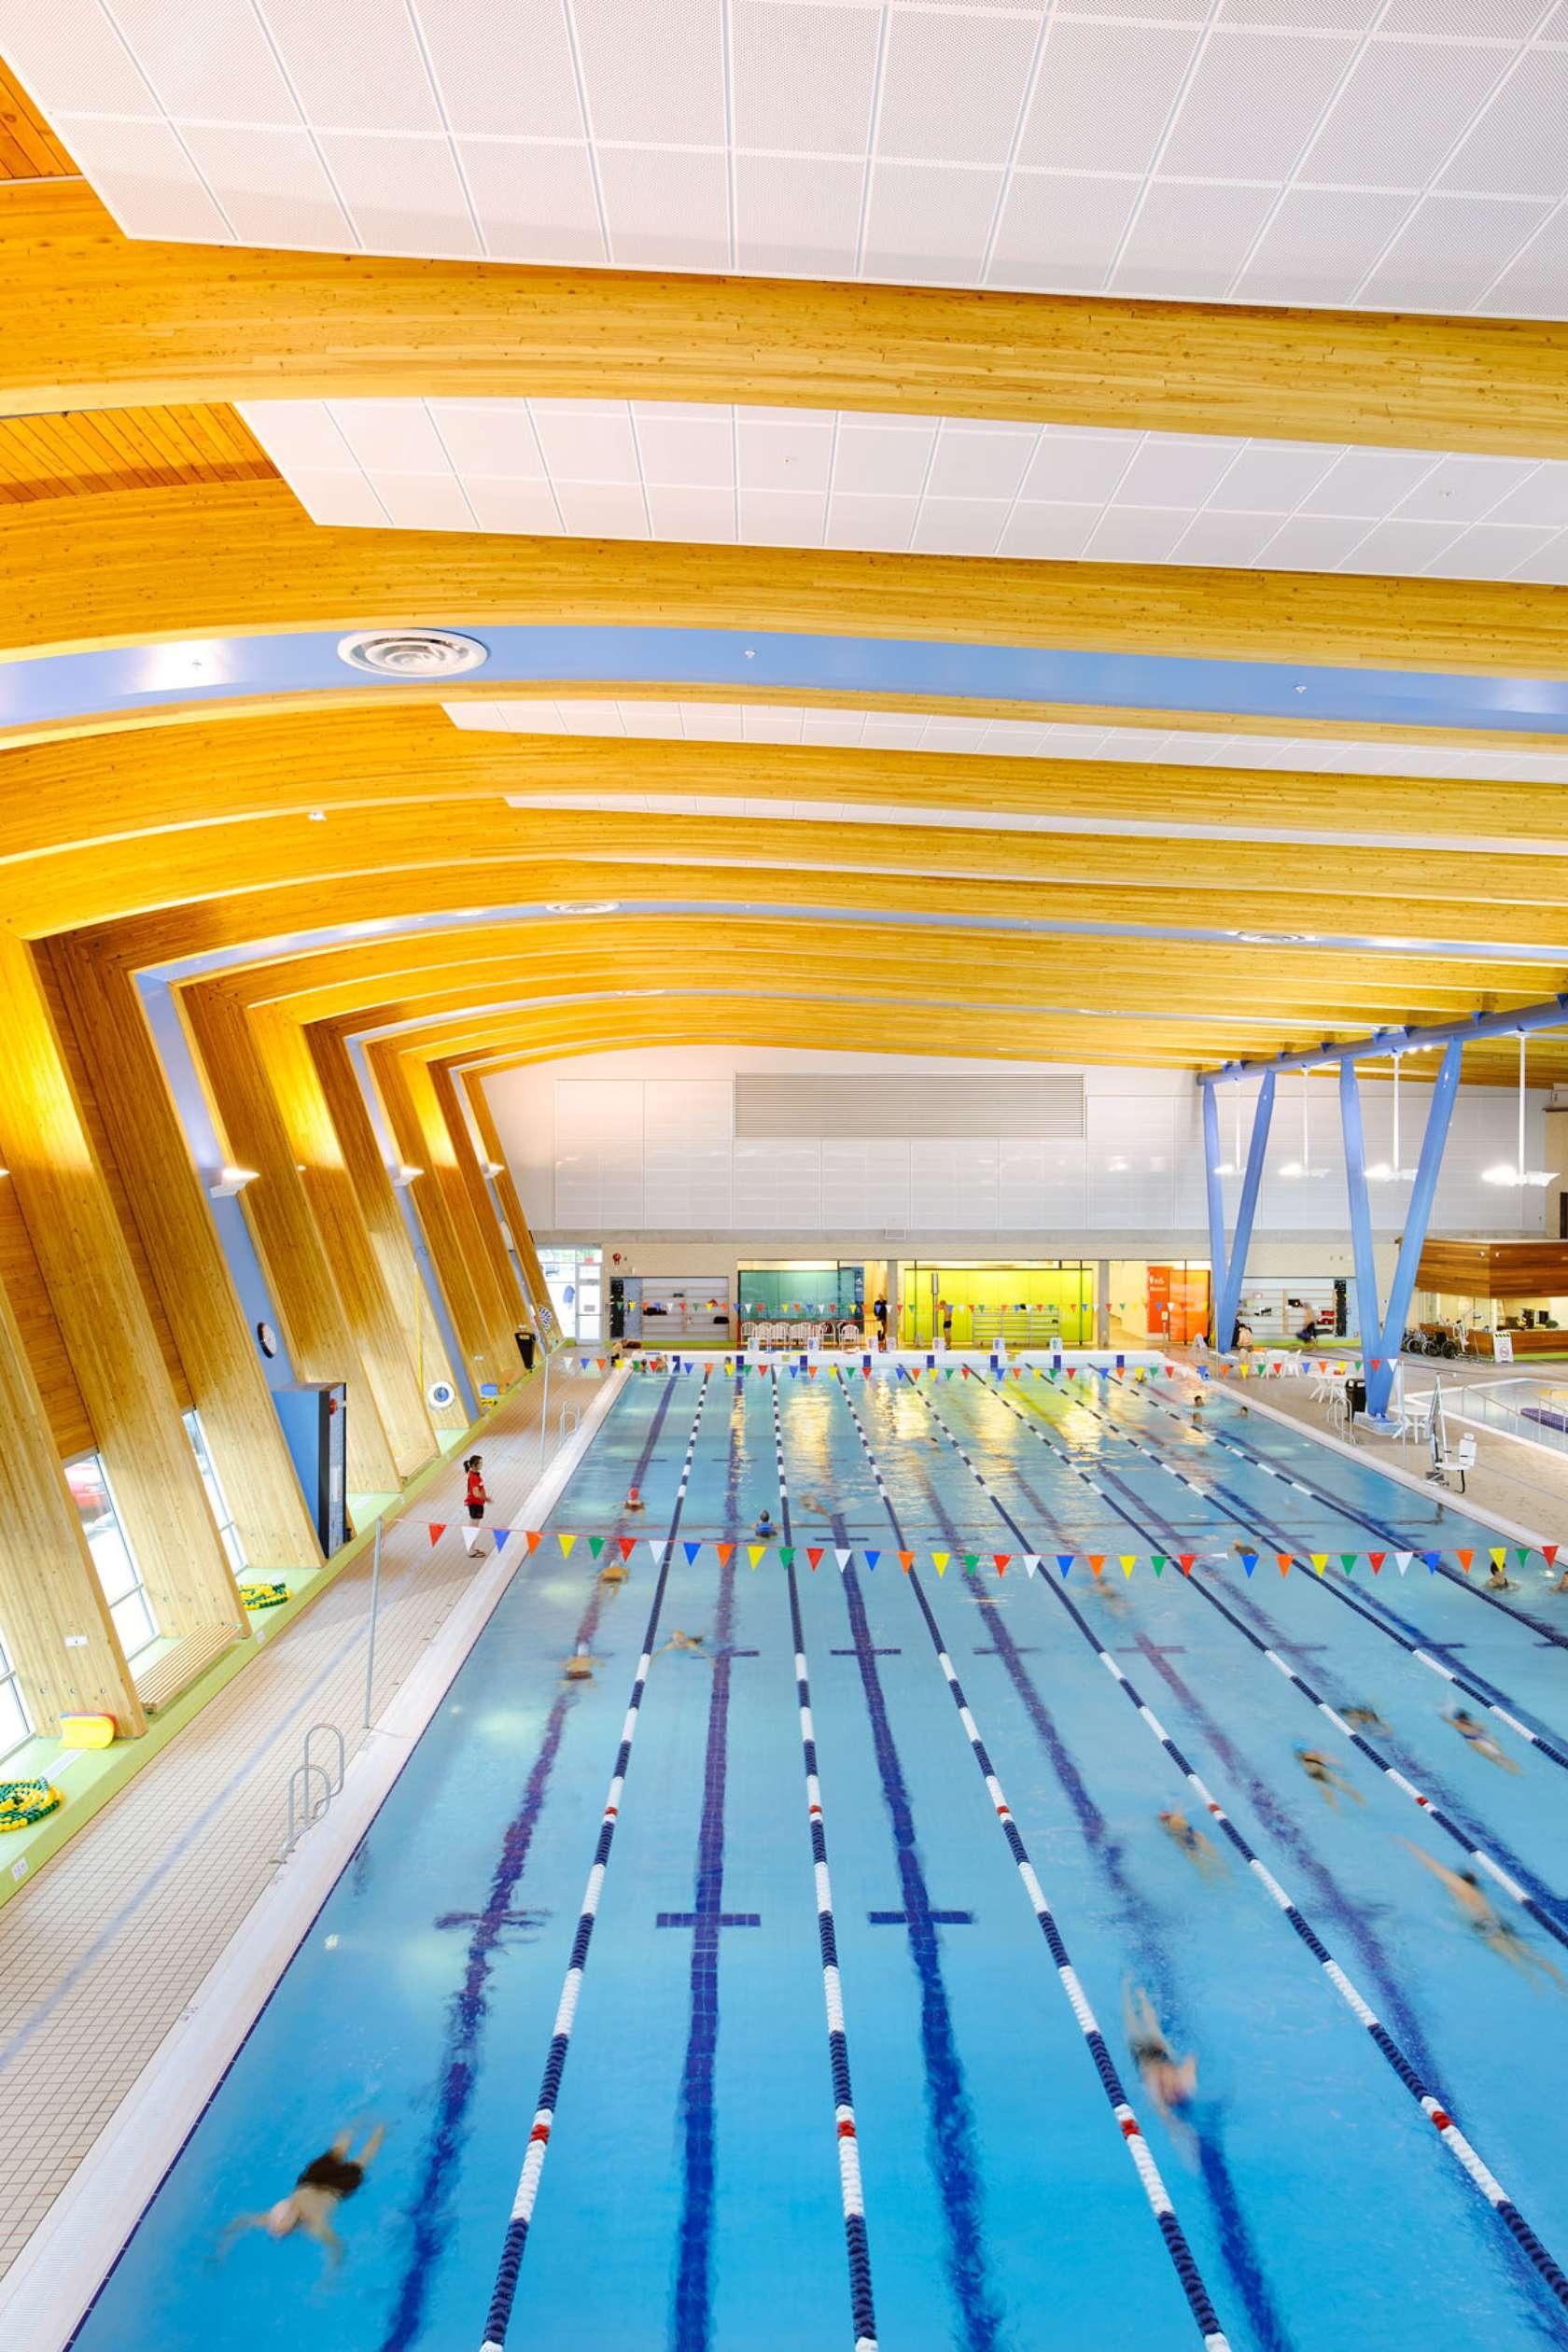 Aquatic Jasper Aquatic Centre